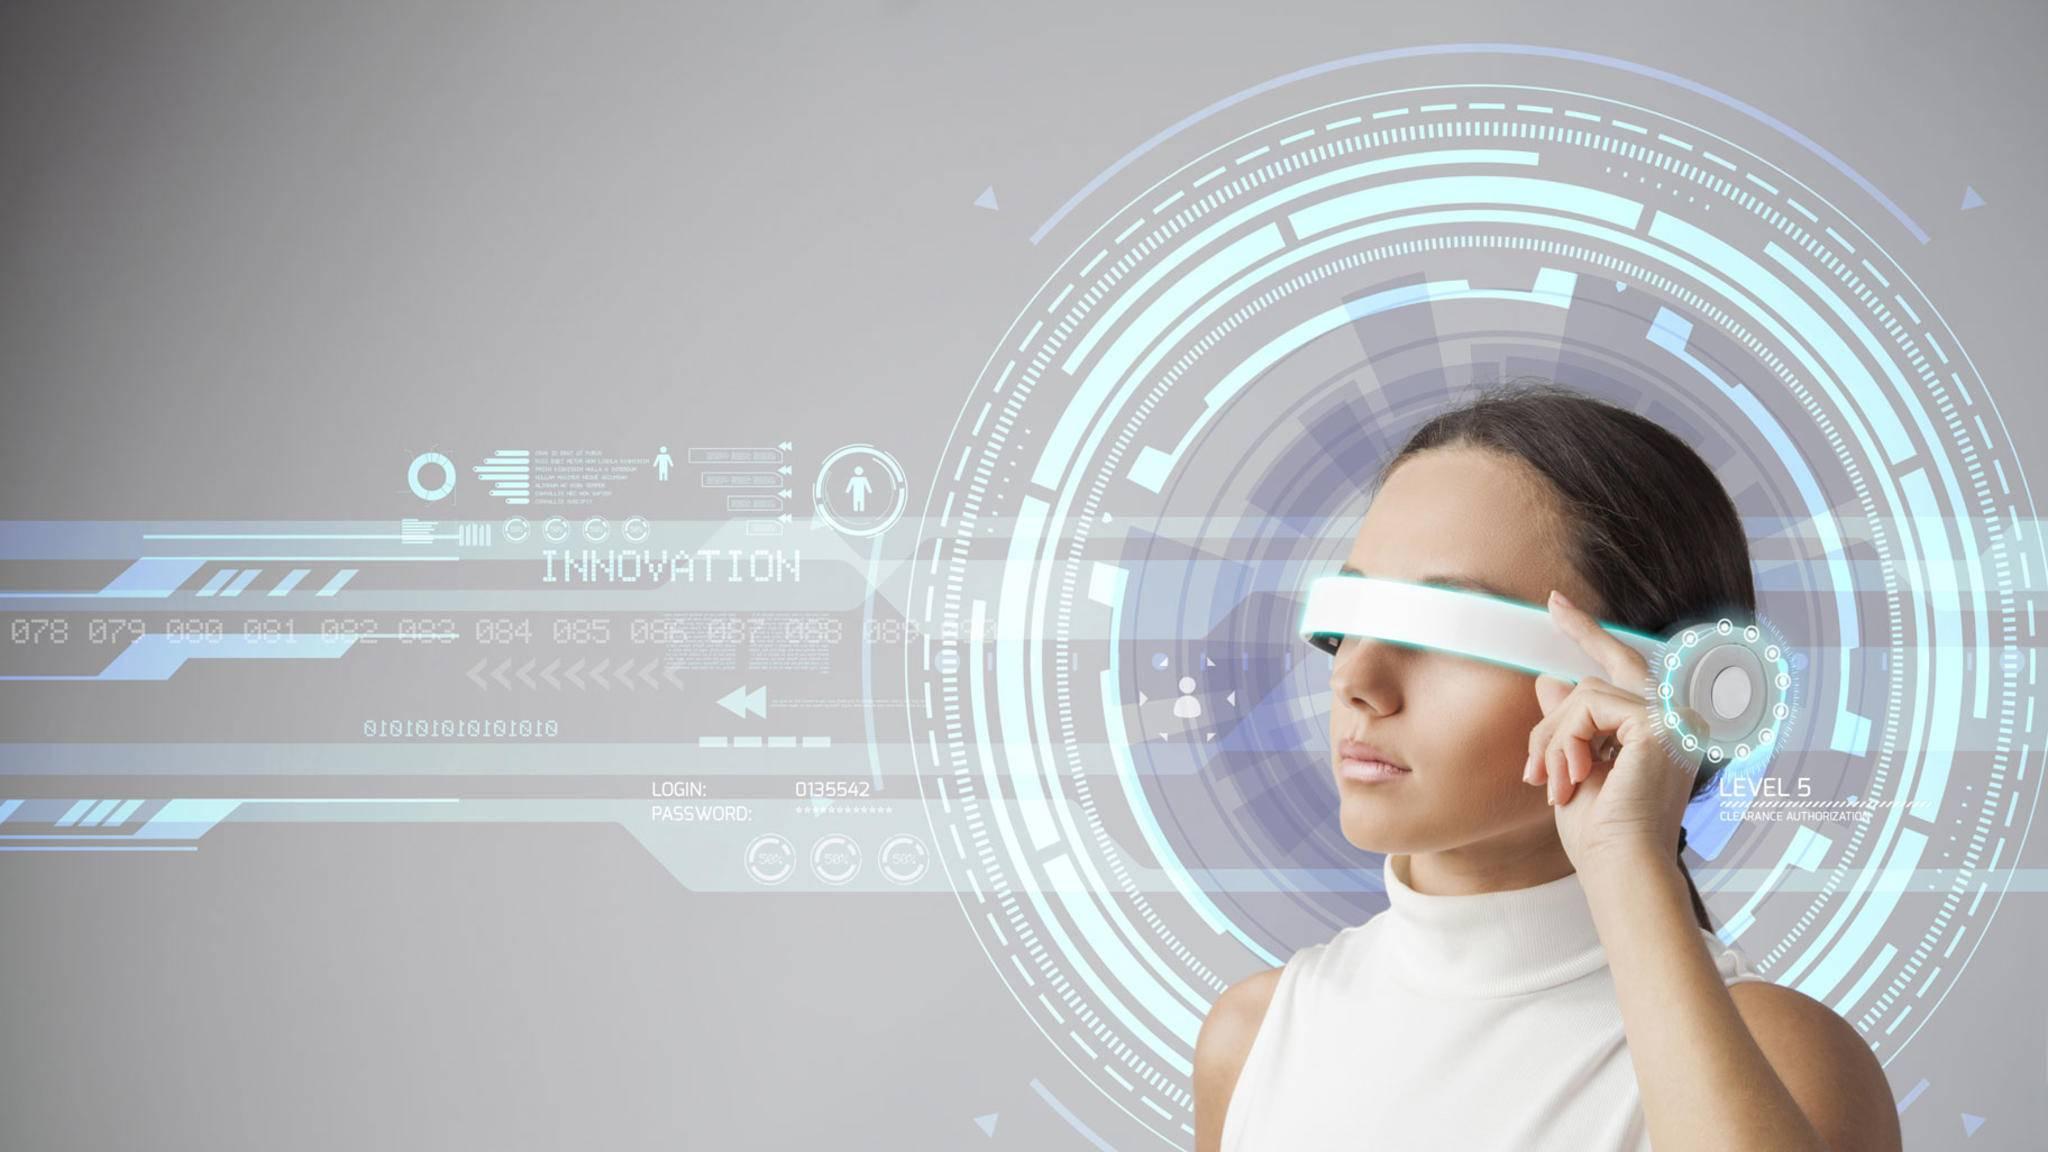 Eine AR-Brille von Apple lässt möglicherweise doch länger auf sich warten.